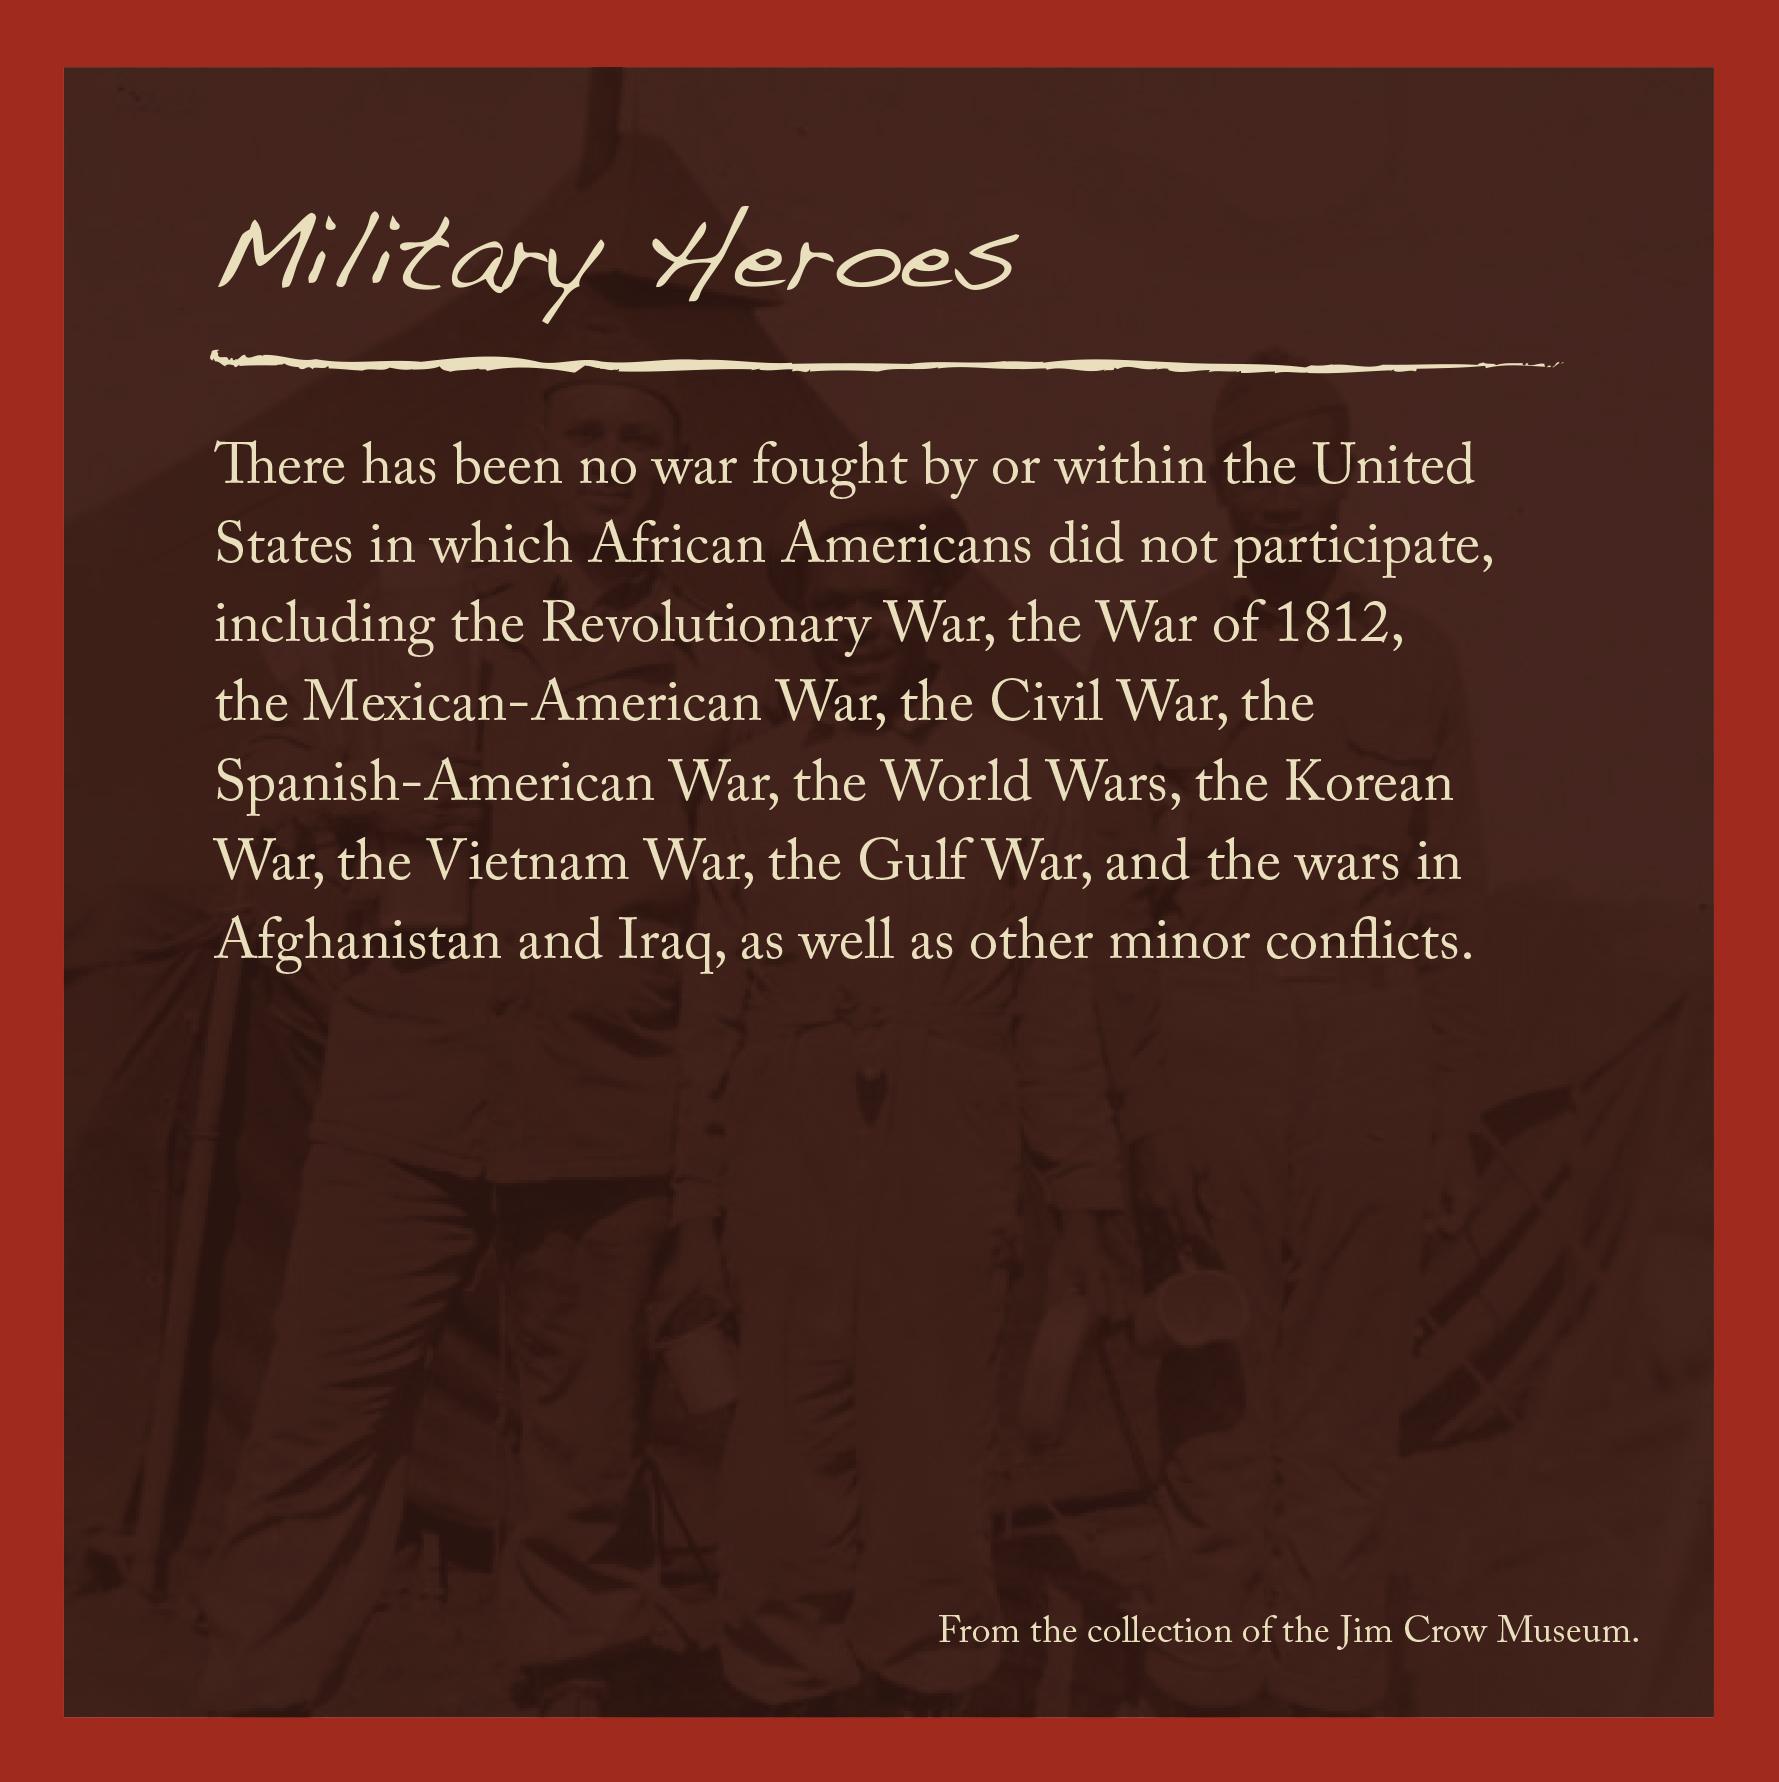 Military Heroes.jpg